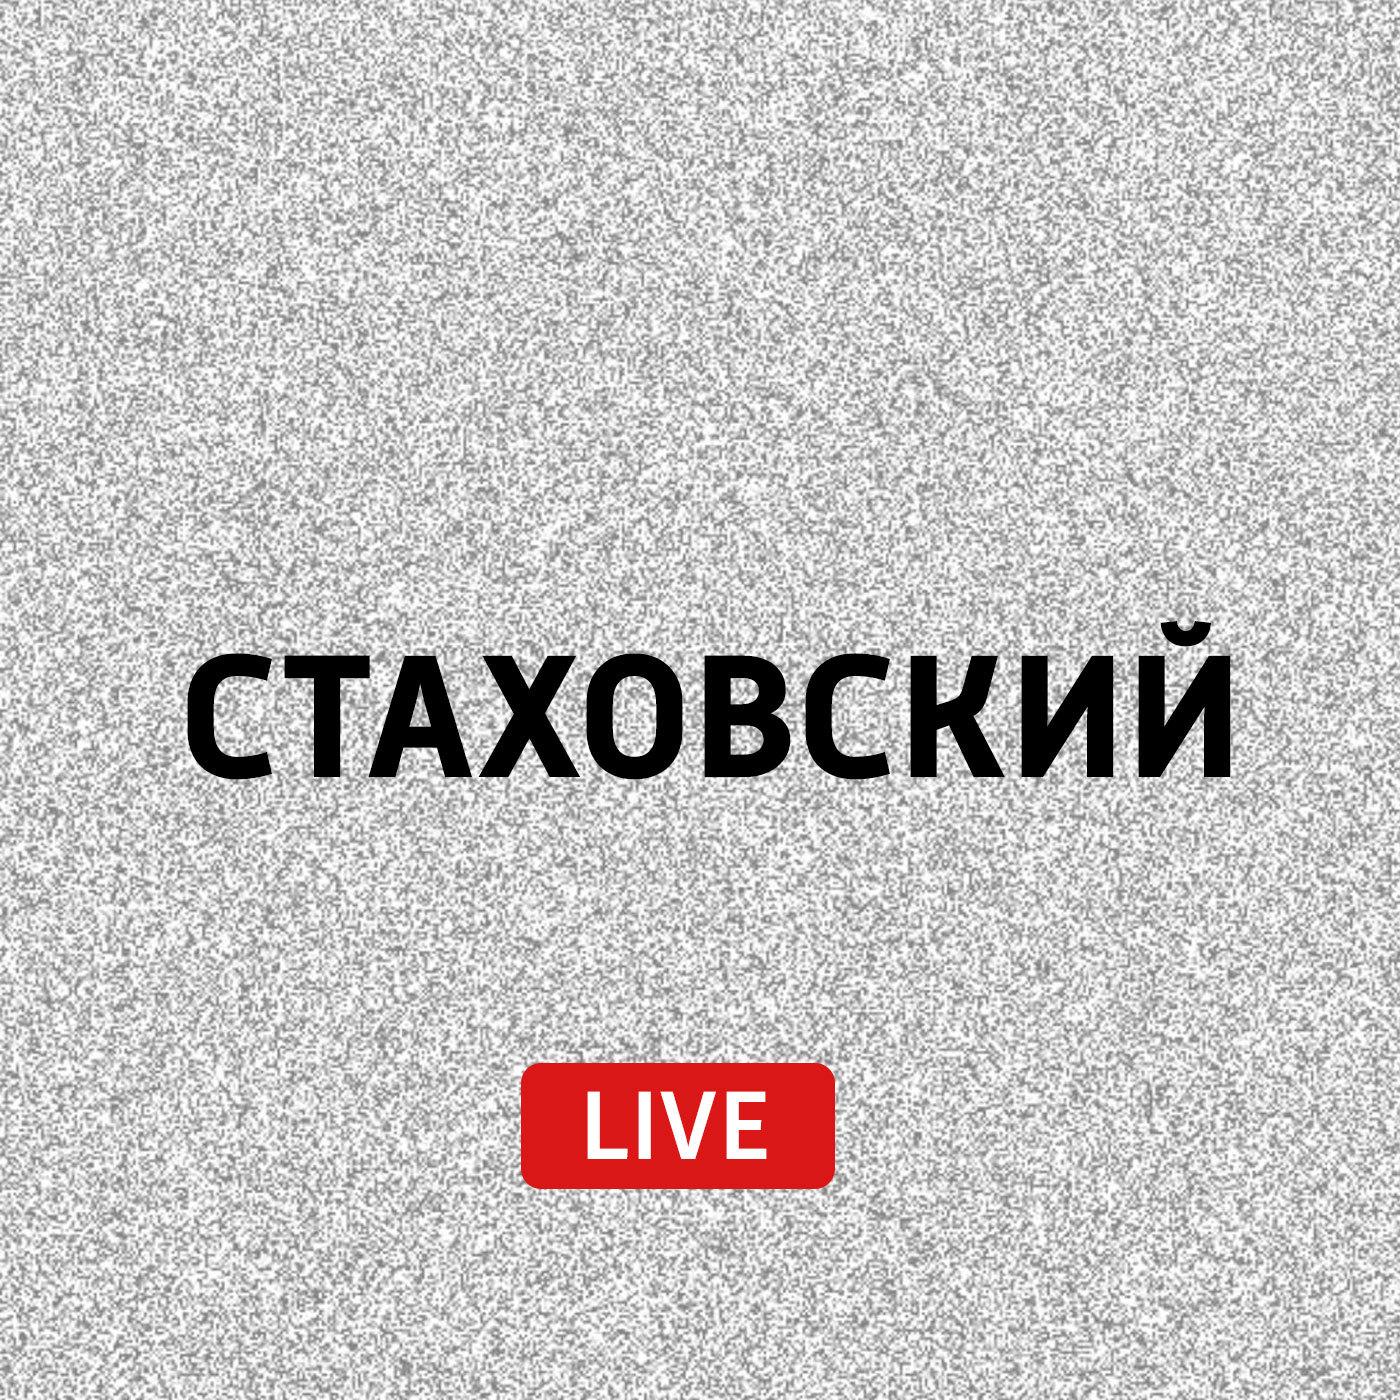 Евгений Стаховский Евгений Стаховский отвечает на сообщения слушателей